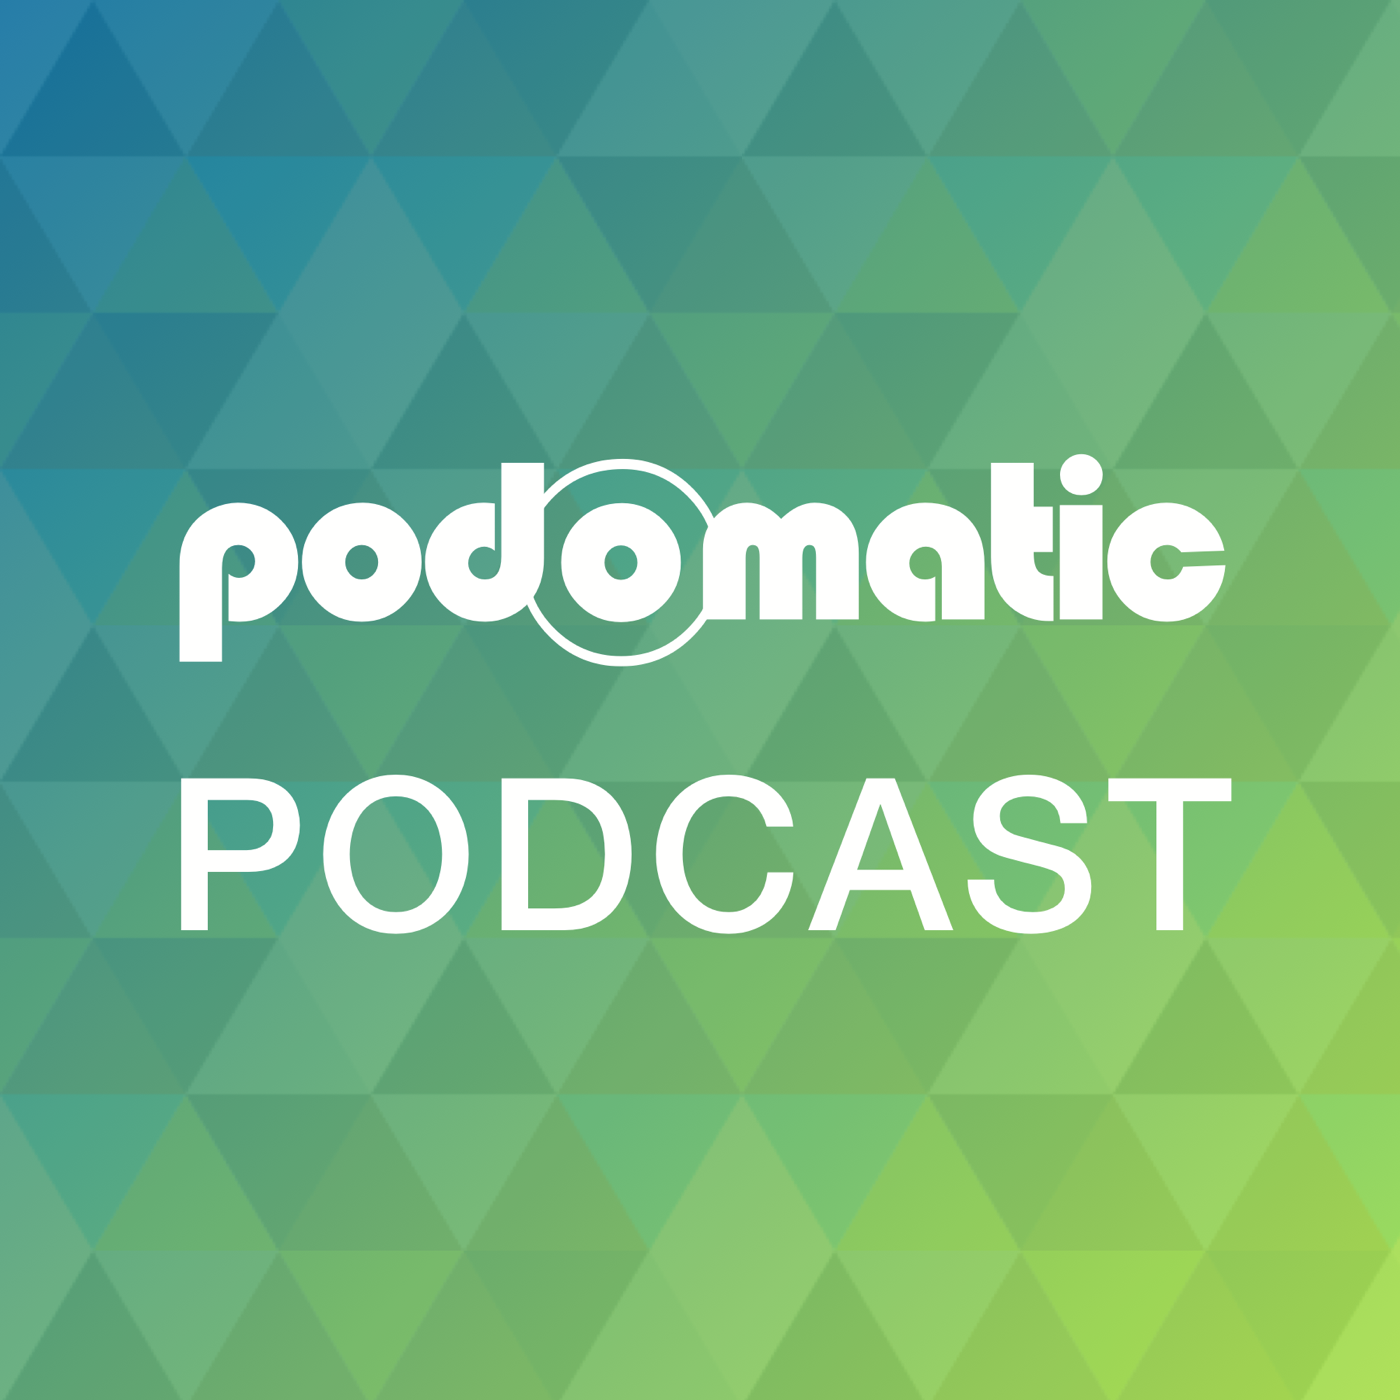 LFO-RADIO' Podcast